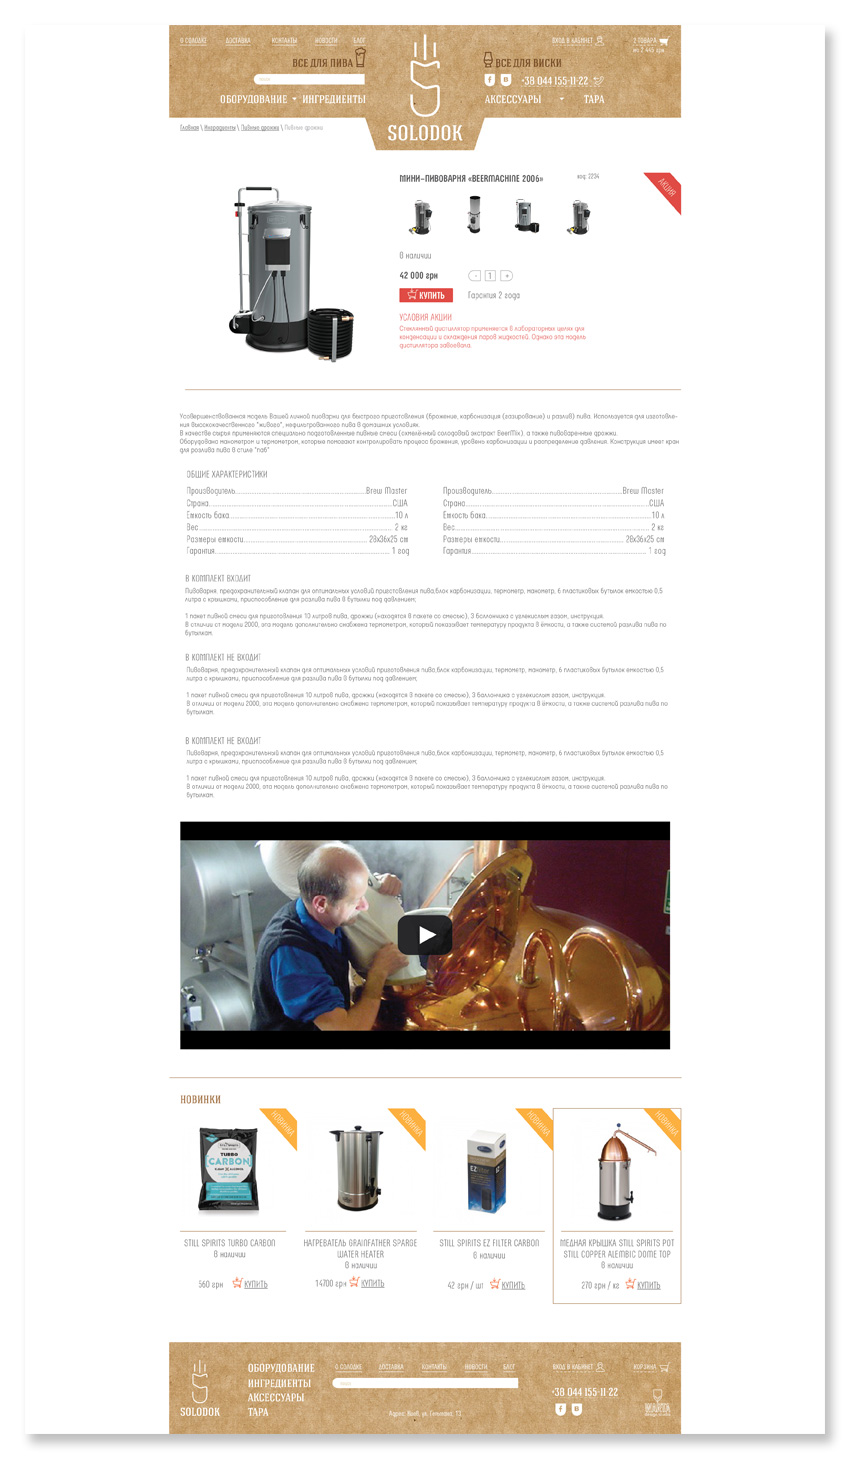 Каждый товар имеет свою карточку, перейдя на которую пользователь имеет возможность посмотреть фотографии и характеристики, ознакомиться с видео, а также посмотреть другие похожие товары.